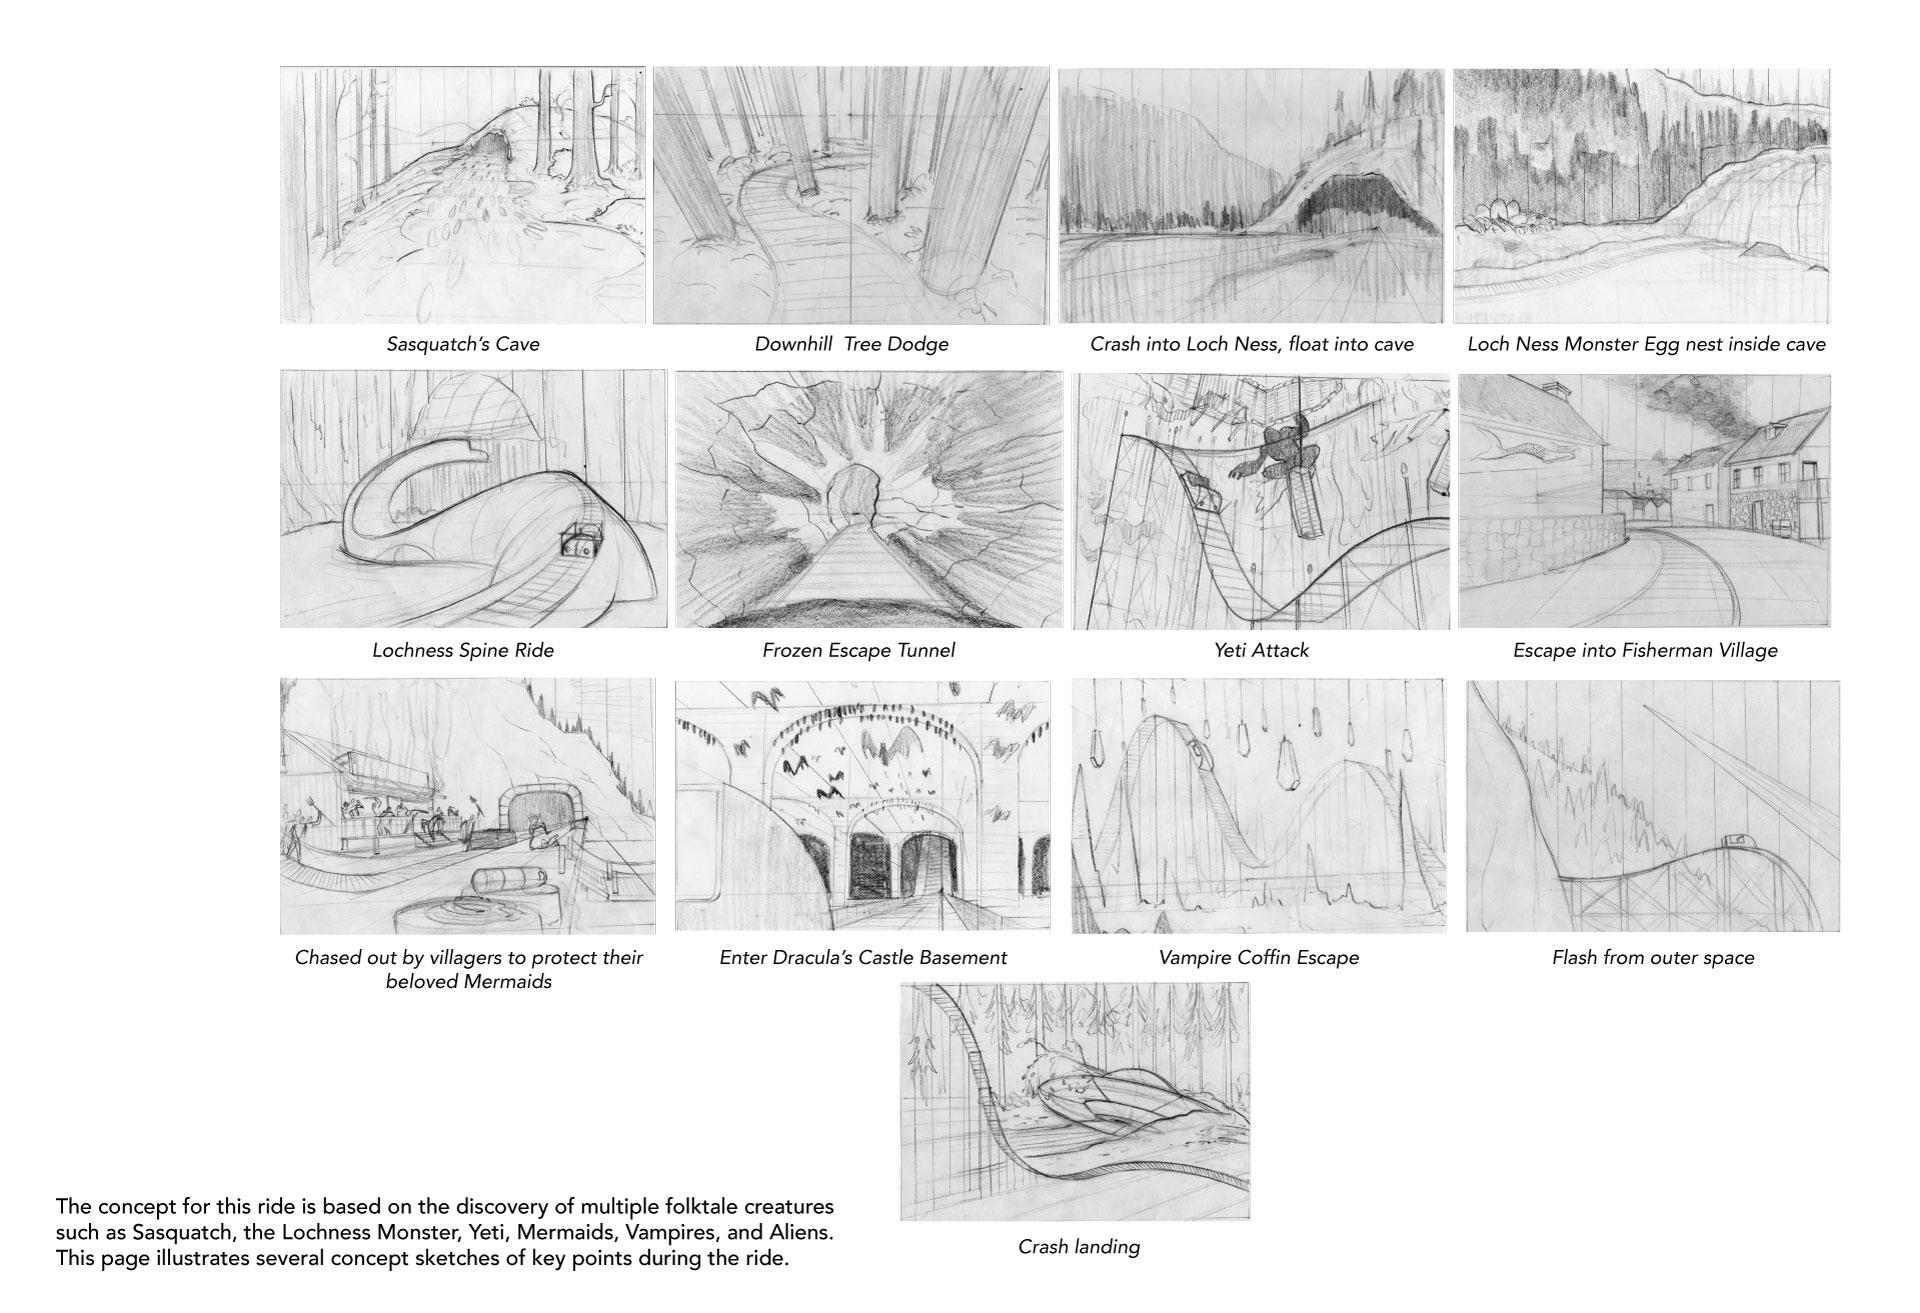 Roller Coaster Concept Sketches